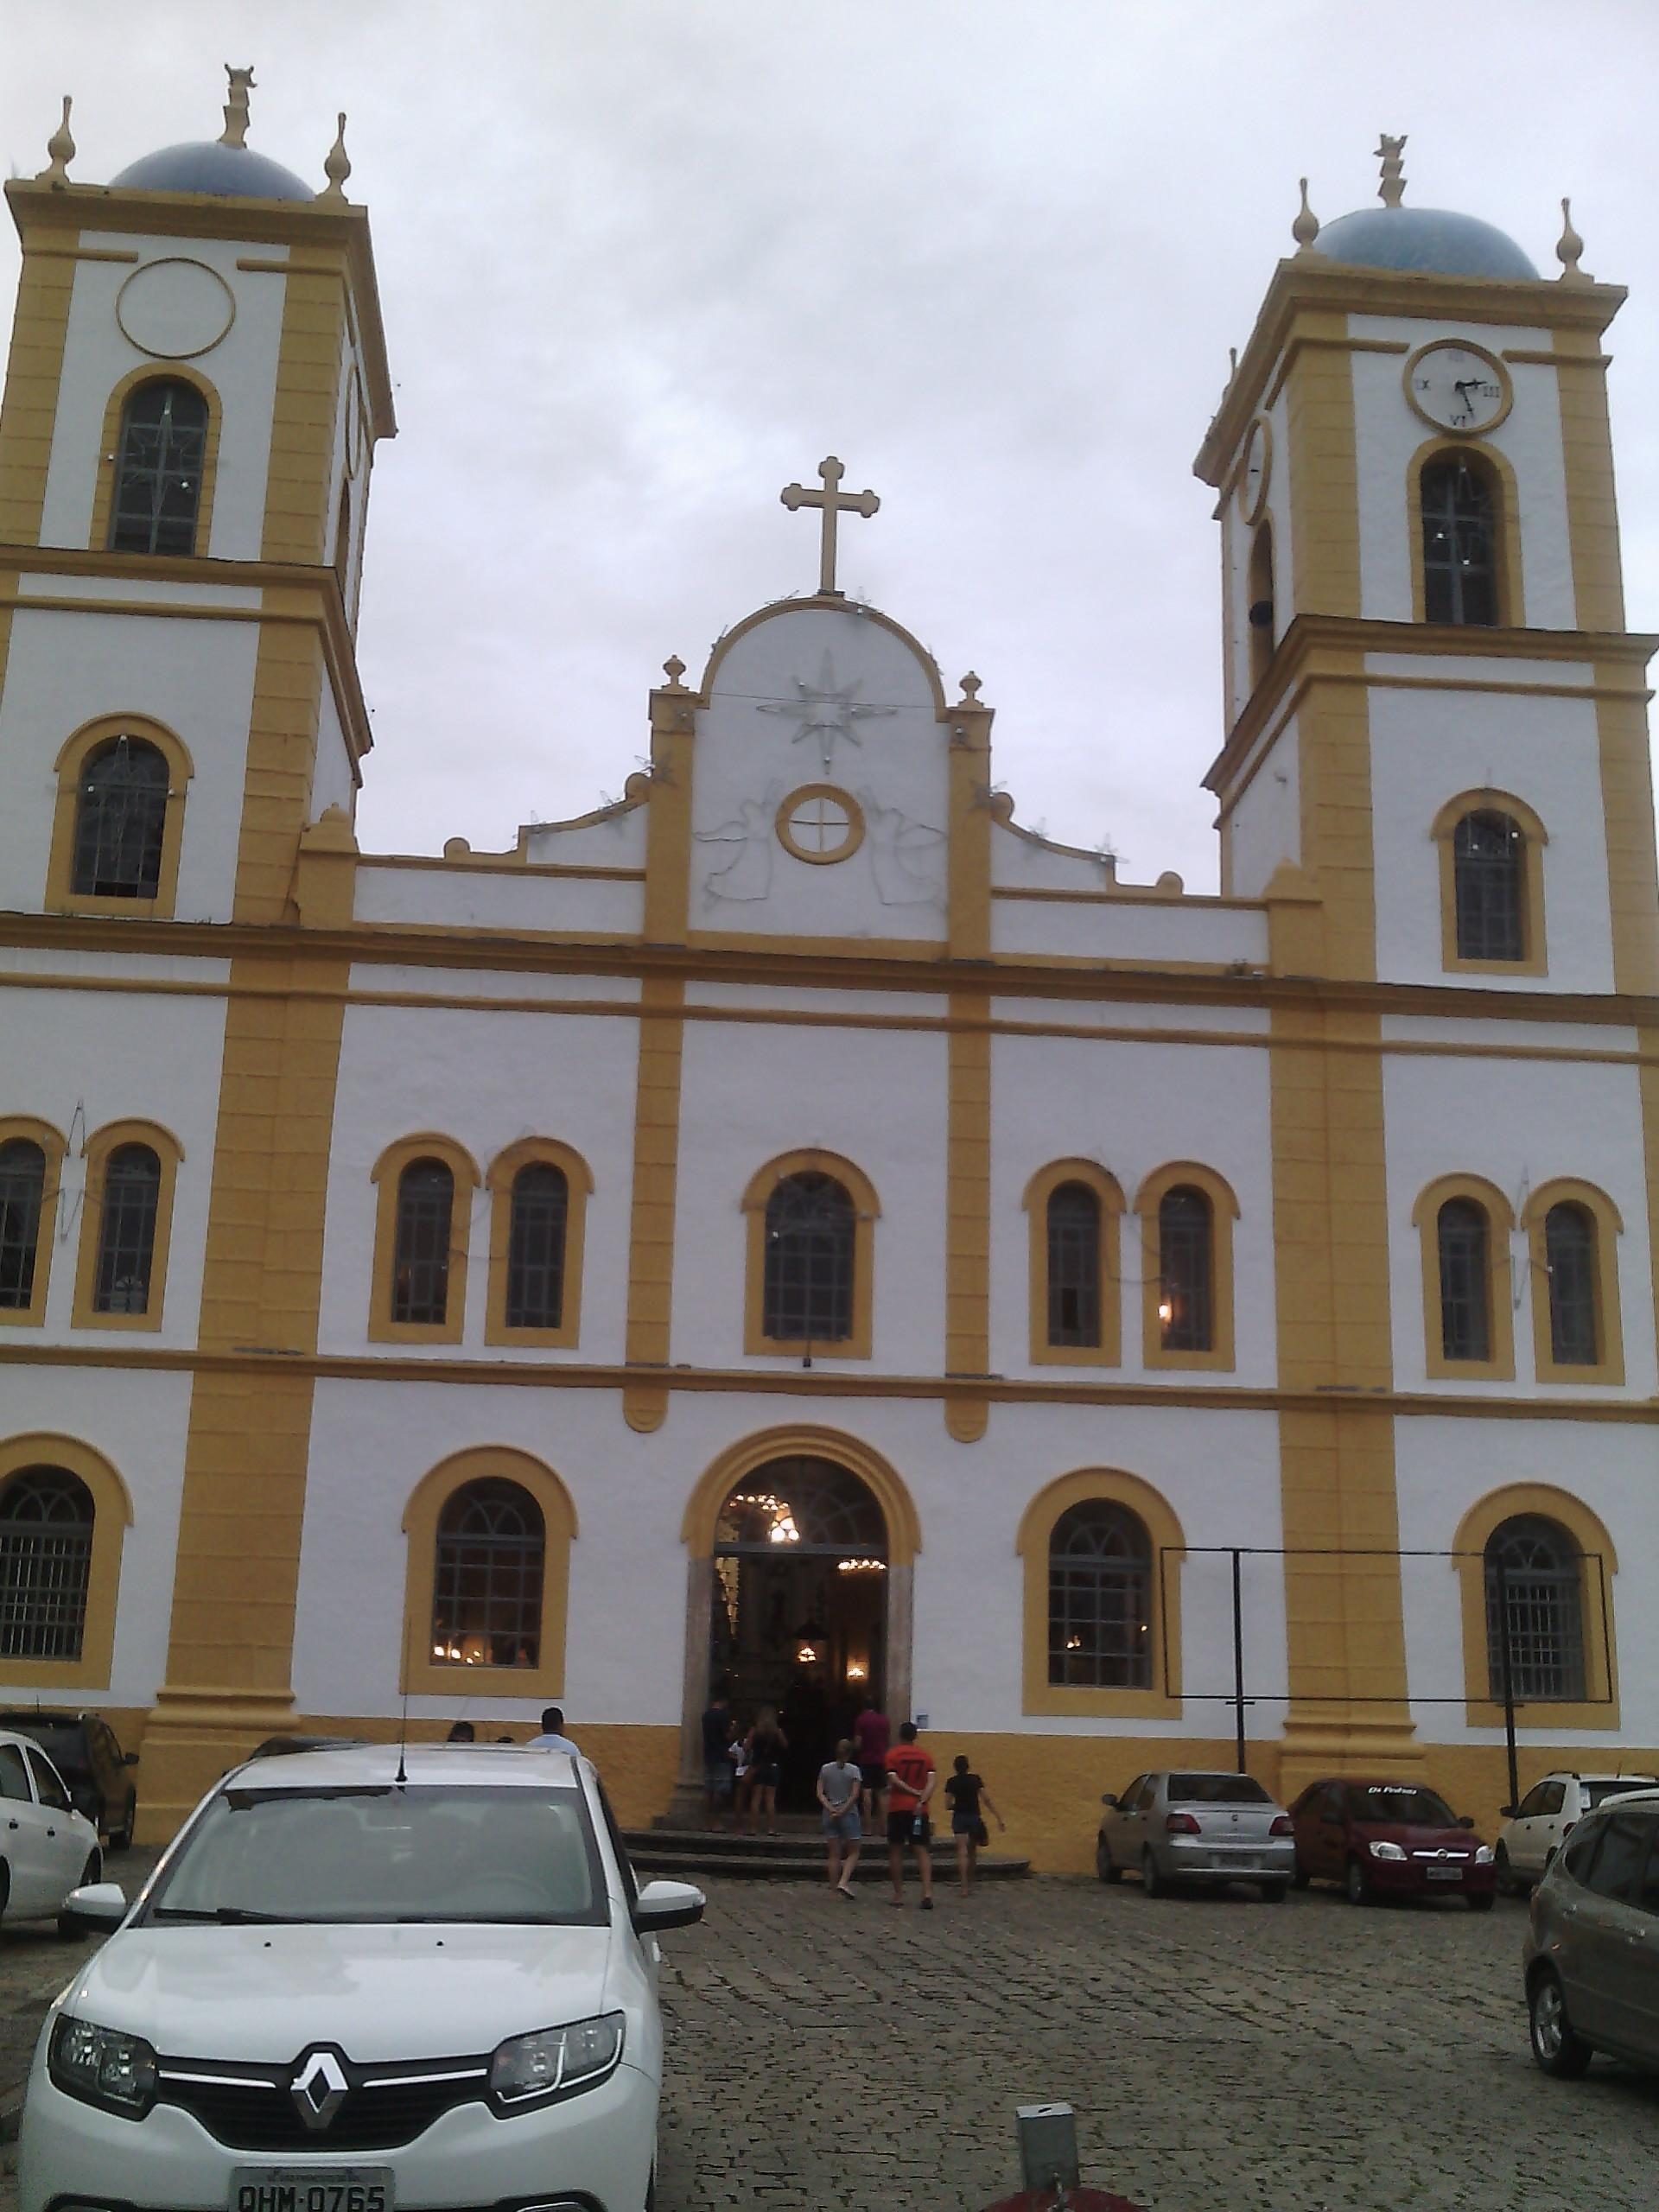 Igreja matriz da cidade, muito bonita e nesse dia tinha apresentação de Terno de Reis.